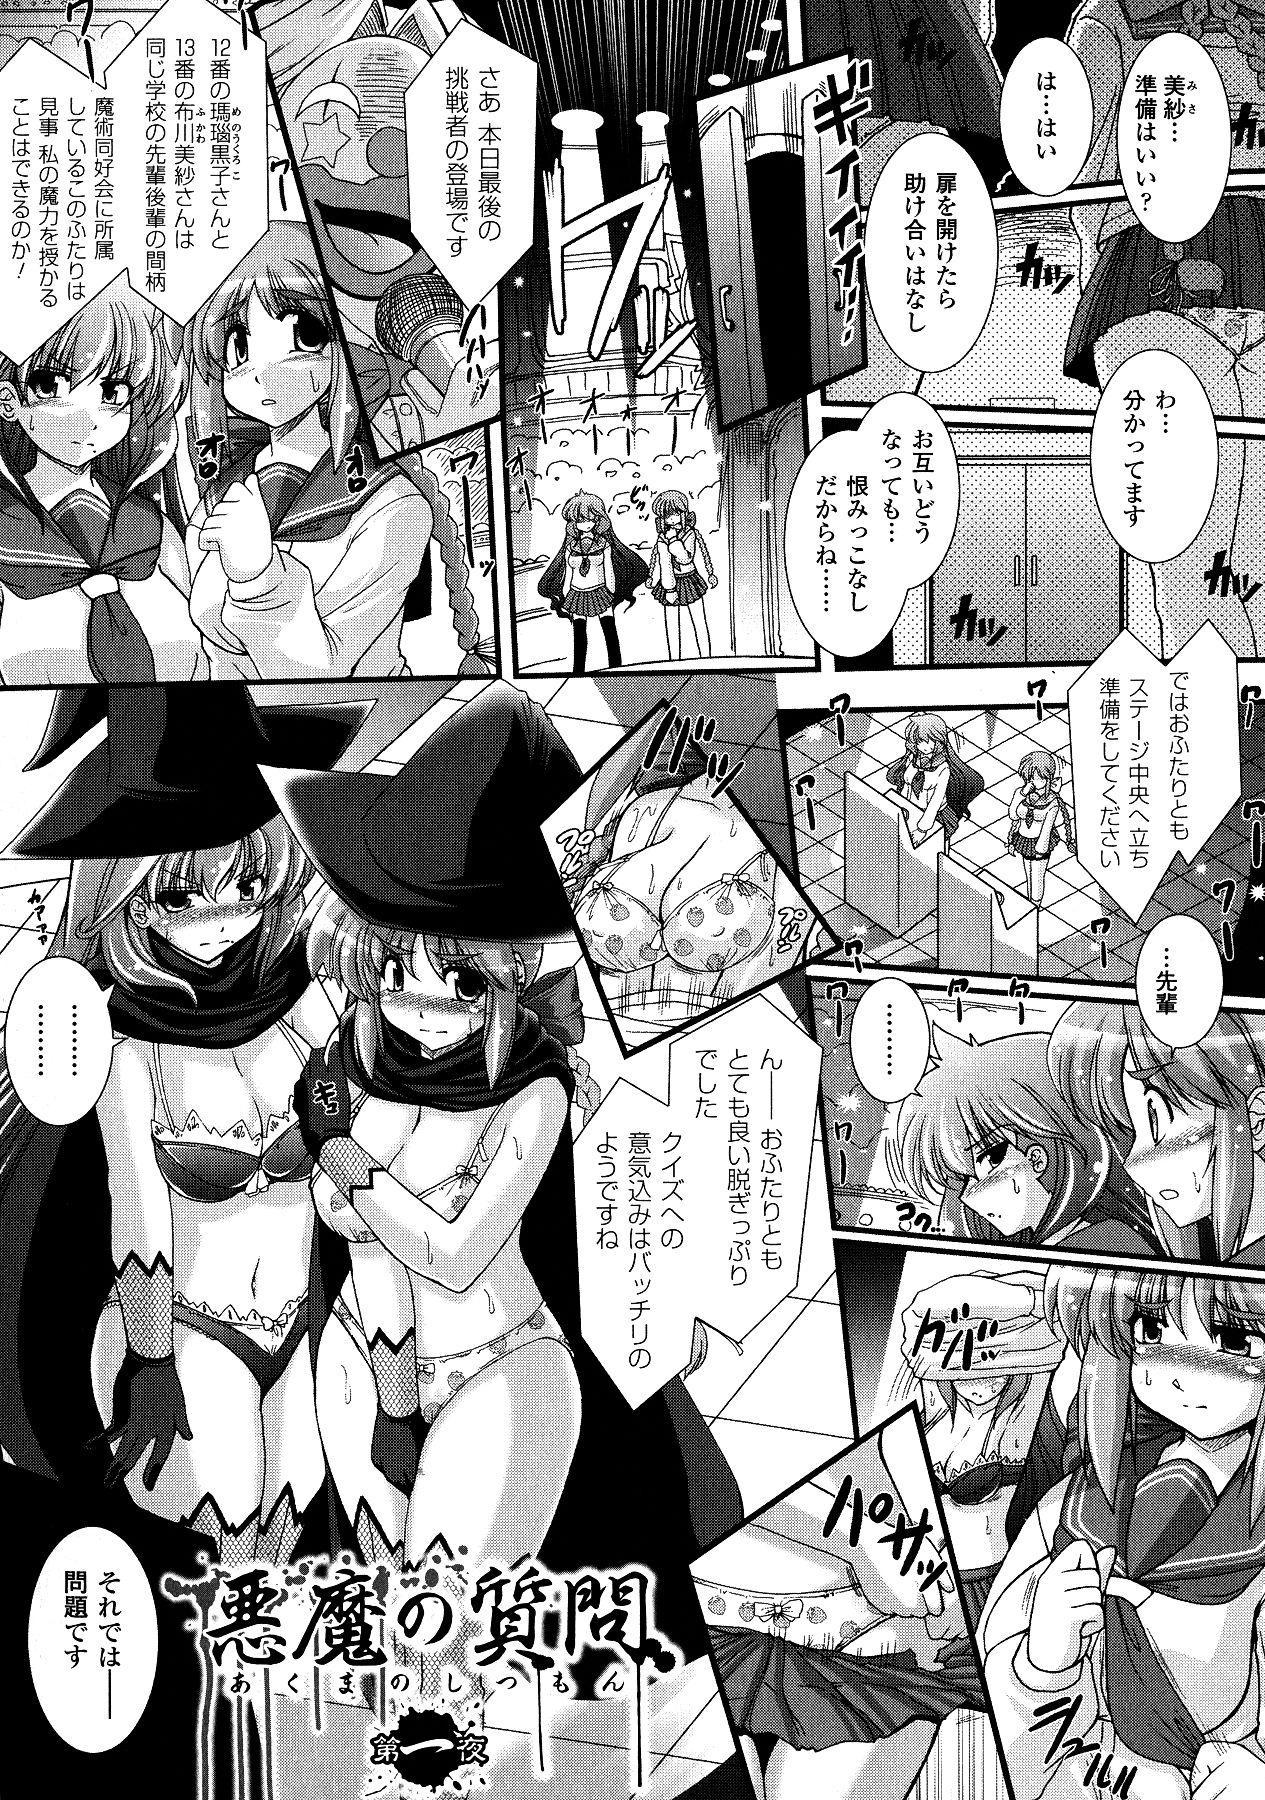 Akuma no Shitsumon 8